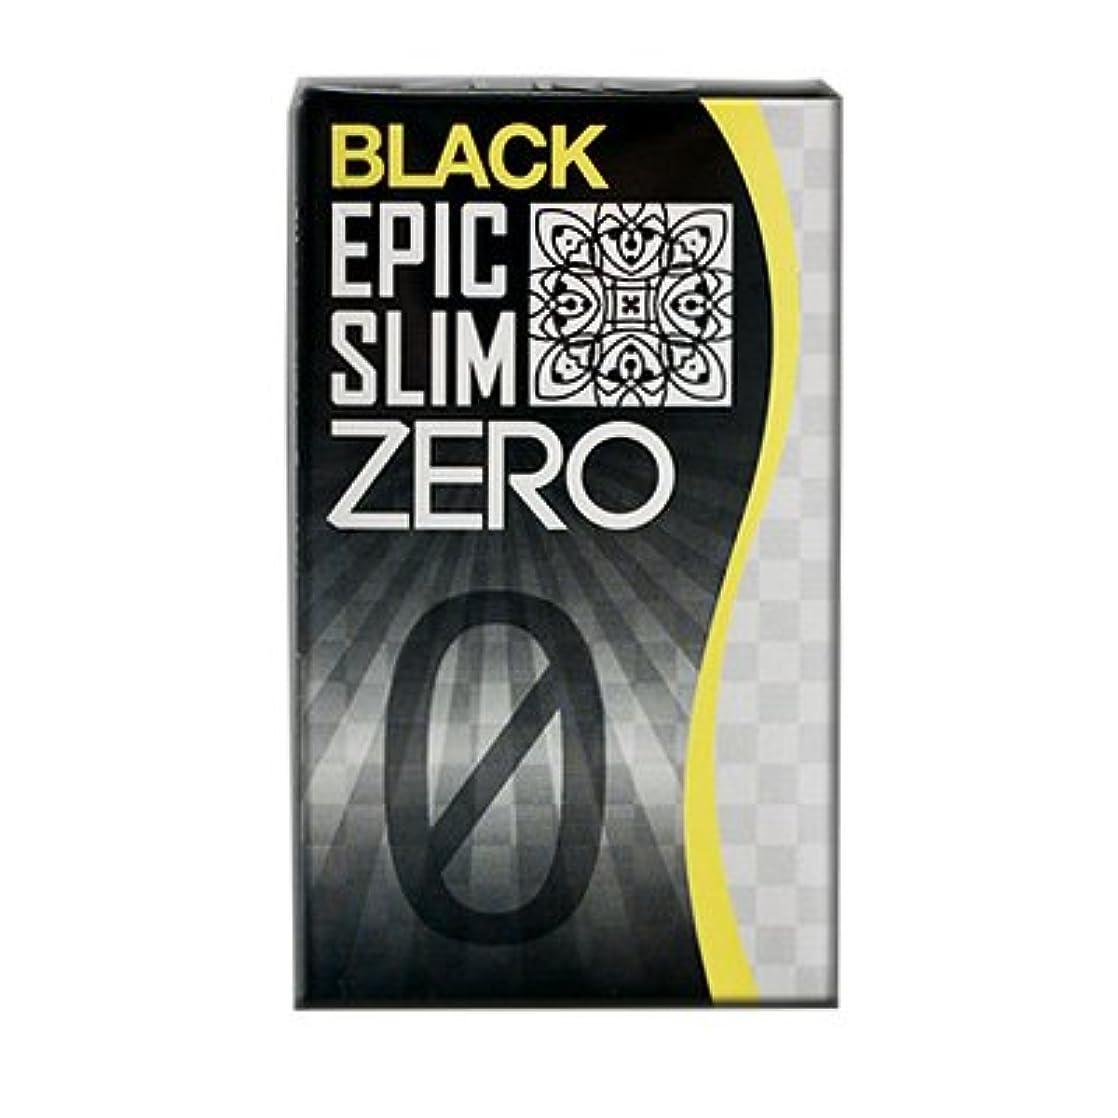 ペック寄り添う国勢調査ブラック エピックスリム ゼロ ブラック Epic Slim ZERO BLACK